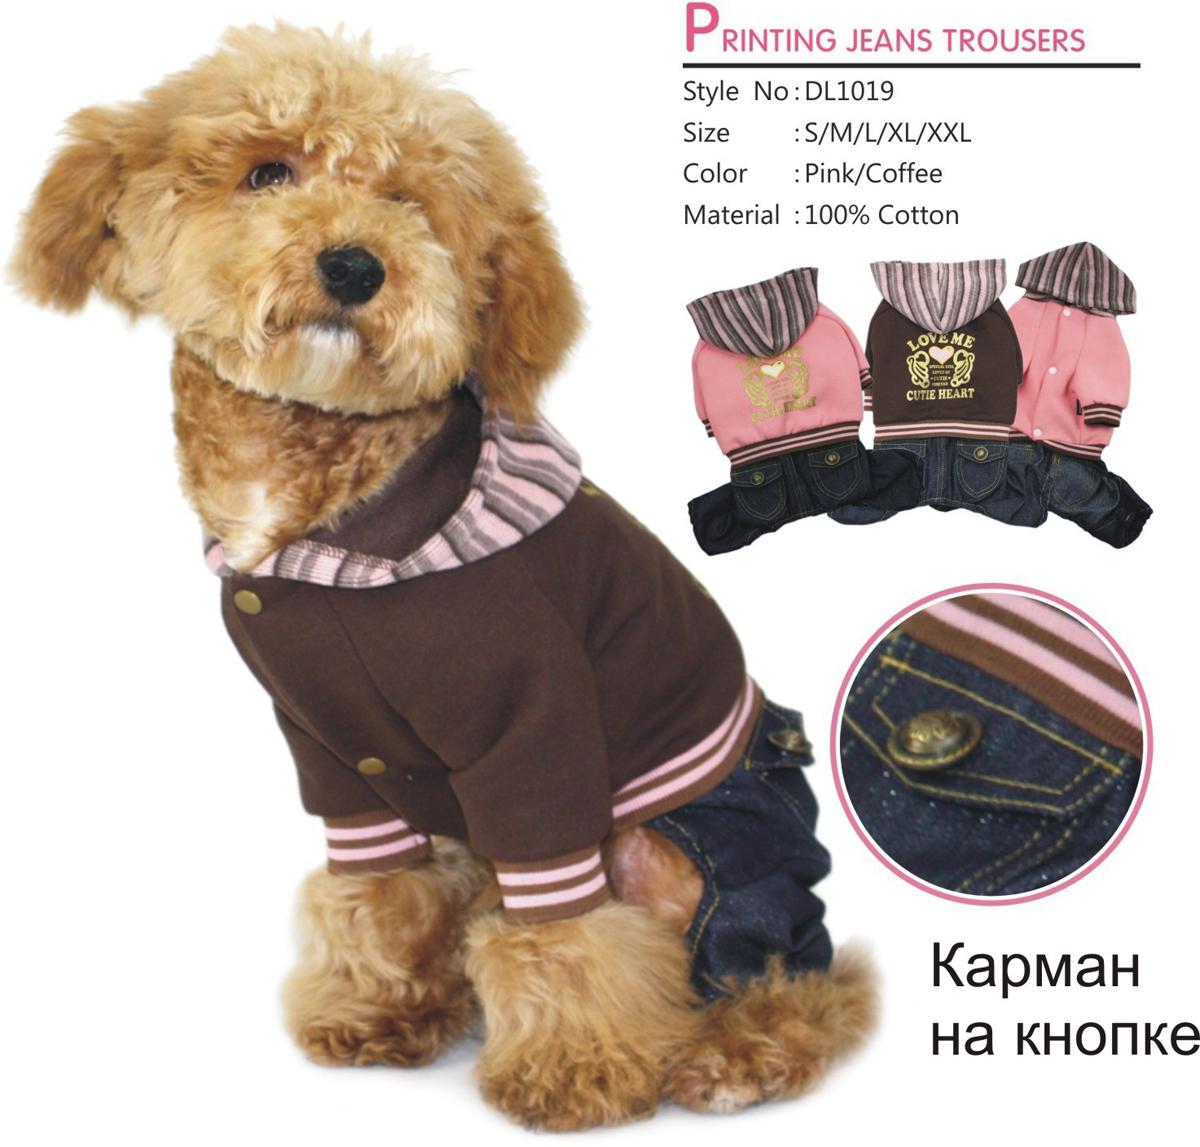 Комбинезон для собак Dobaz, утепленный, цвет: розовый, джинсовый. ДЛ1019АХЛ. Размер XLДЛ1019АХЛКомбинезон Dobaz утепленный выполнен из комбинации трикотажного и джинсового материалов. Изделие дополненокарманами.Обхват шеи: 34 см.Обхват груди: 54 см.Длина спинки: 36 см.Одежда для собак: нужна ли она и как её выбрать. Статья OZON Гид